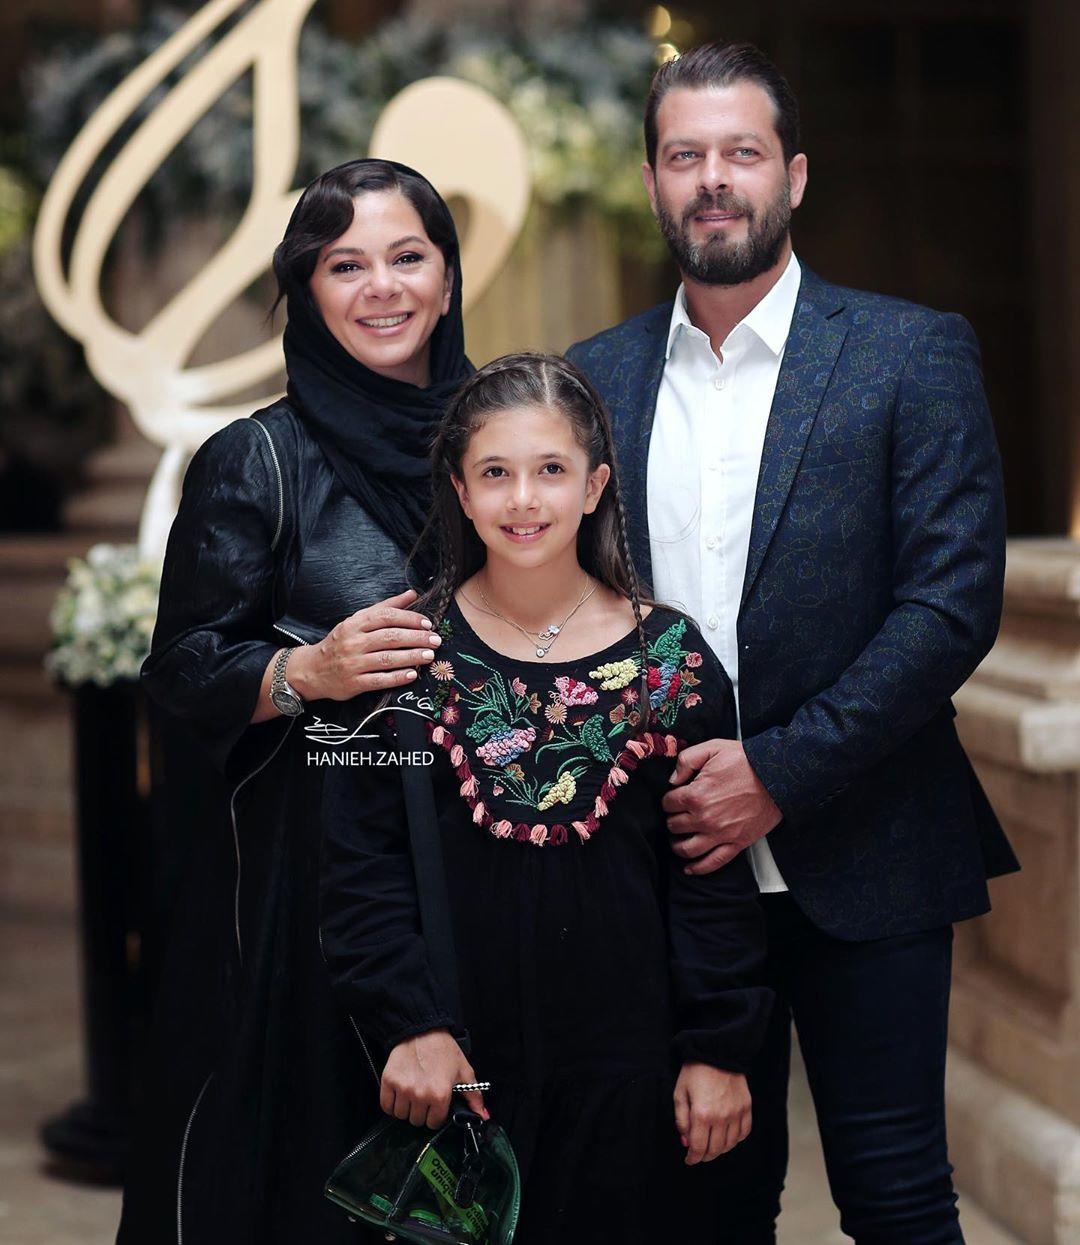 پژمان بازغی همراه همسرش مستانه مهاجر و دخترش نفس / عکس - موسیقی ایرانیان